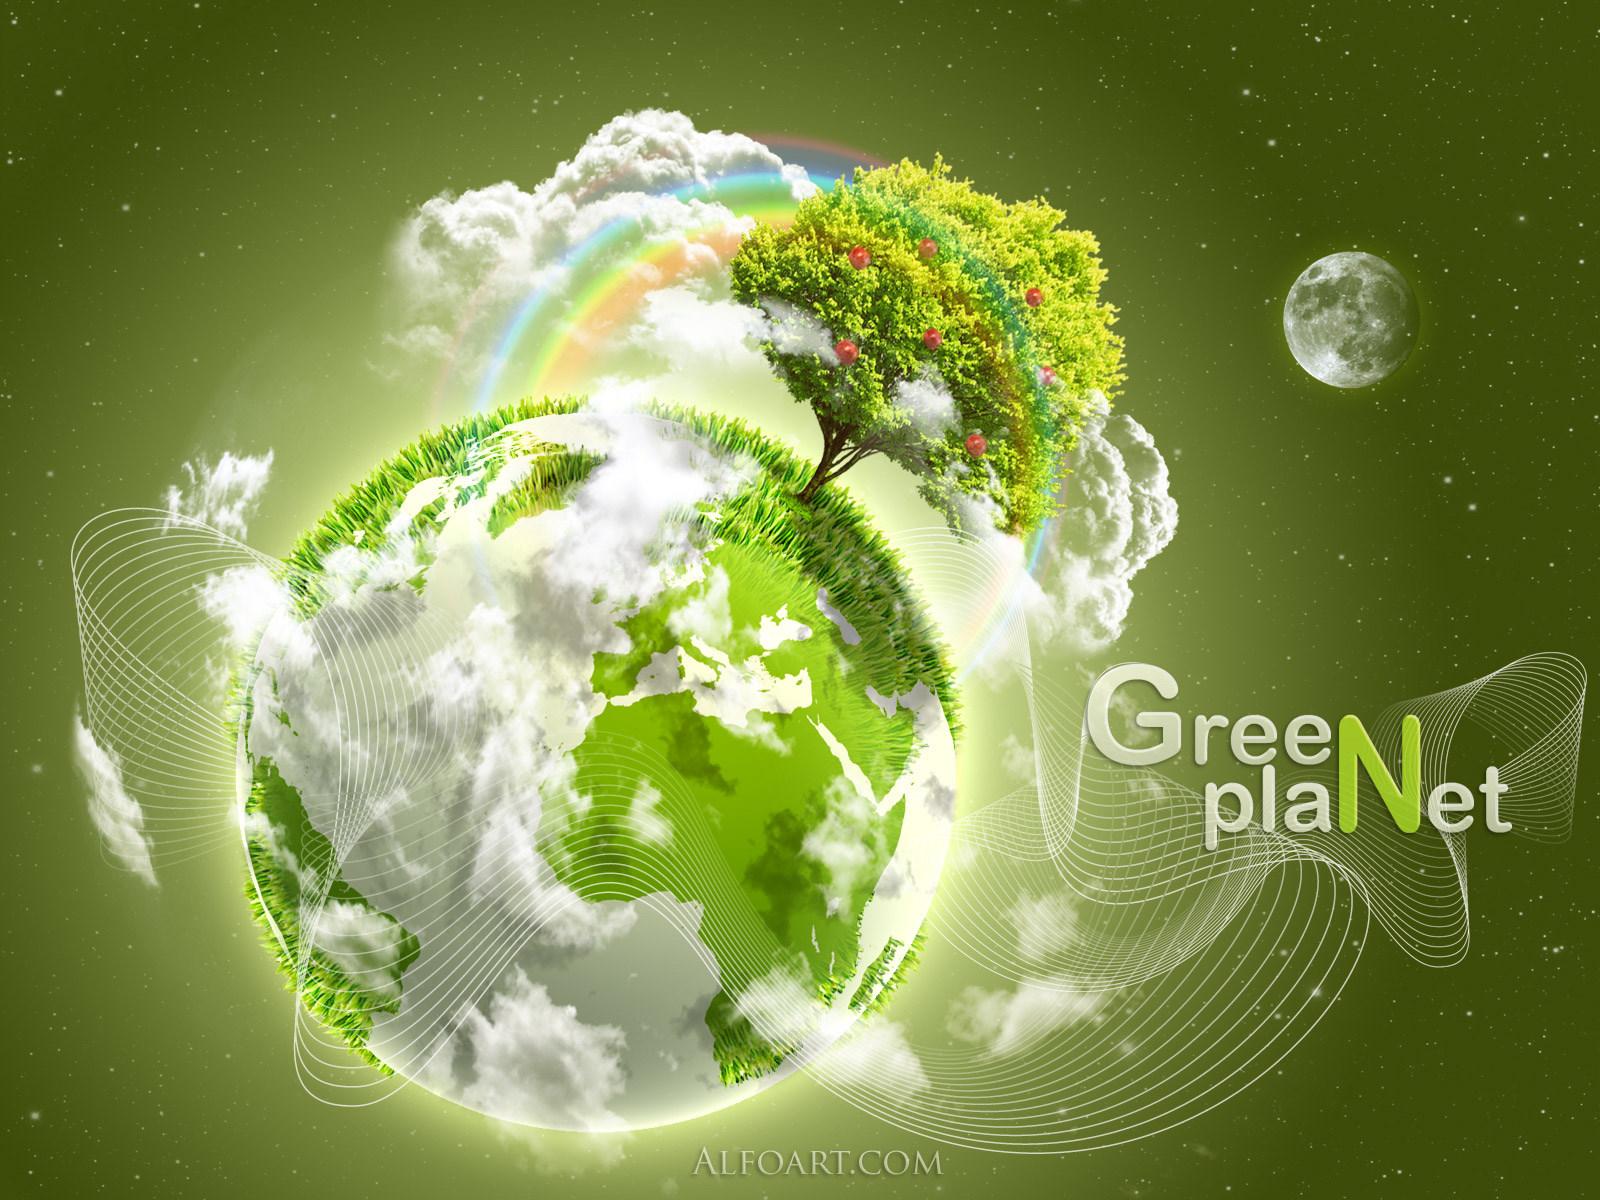 четыре экология в нашем доме картинки представляет